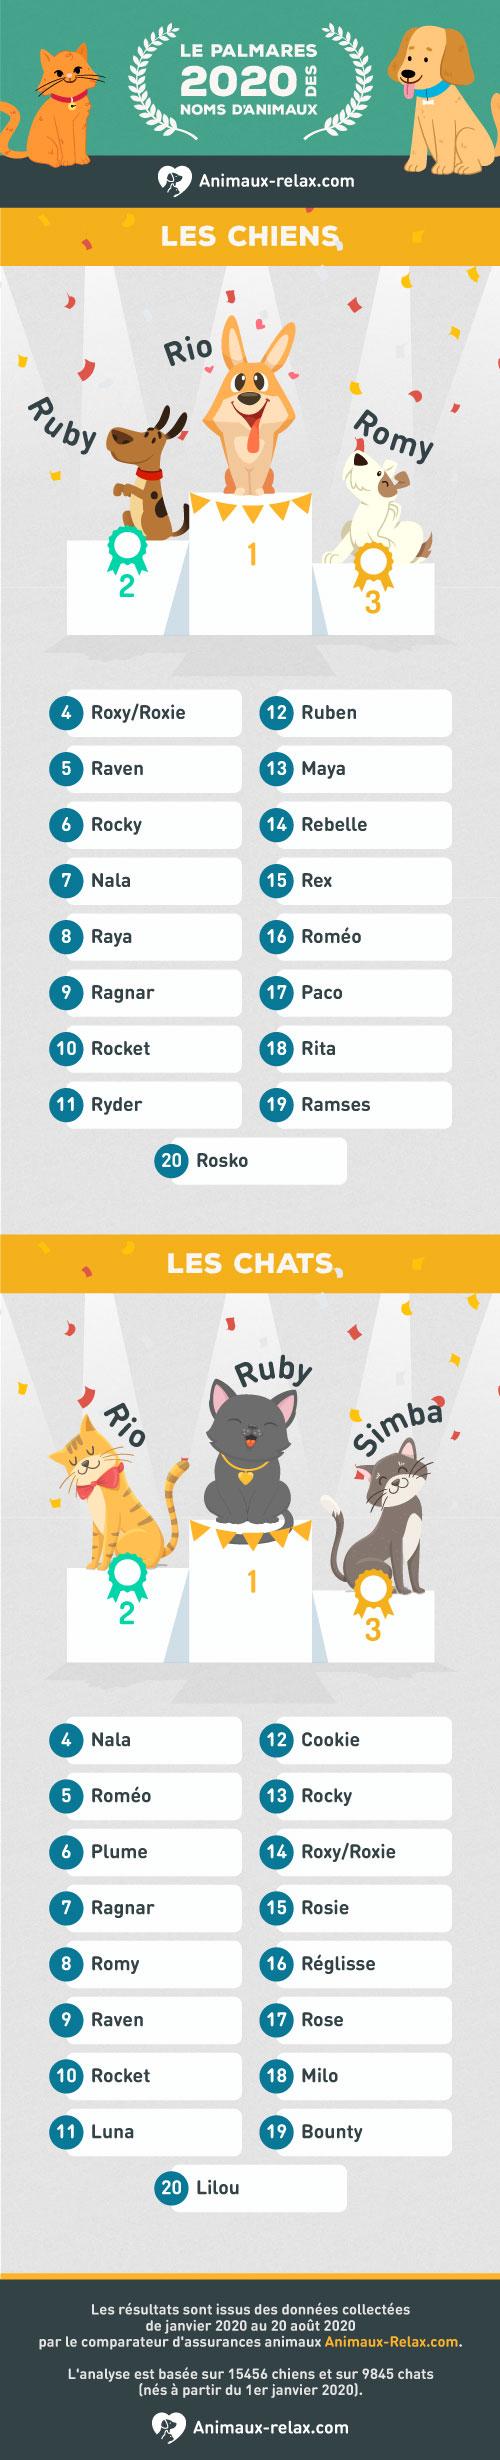 Noms de chiens et chats populaires en 2020